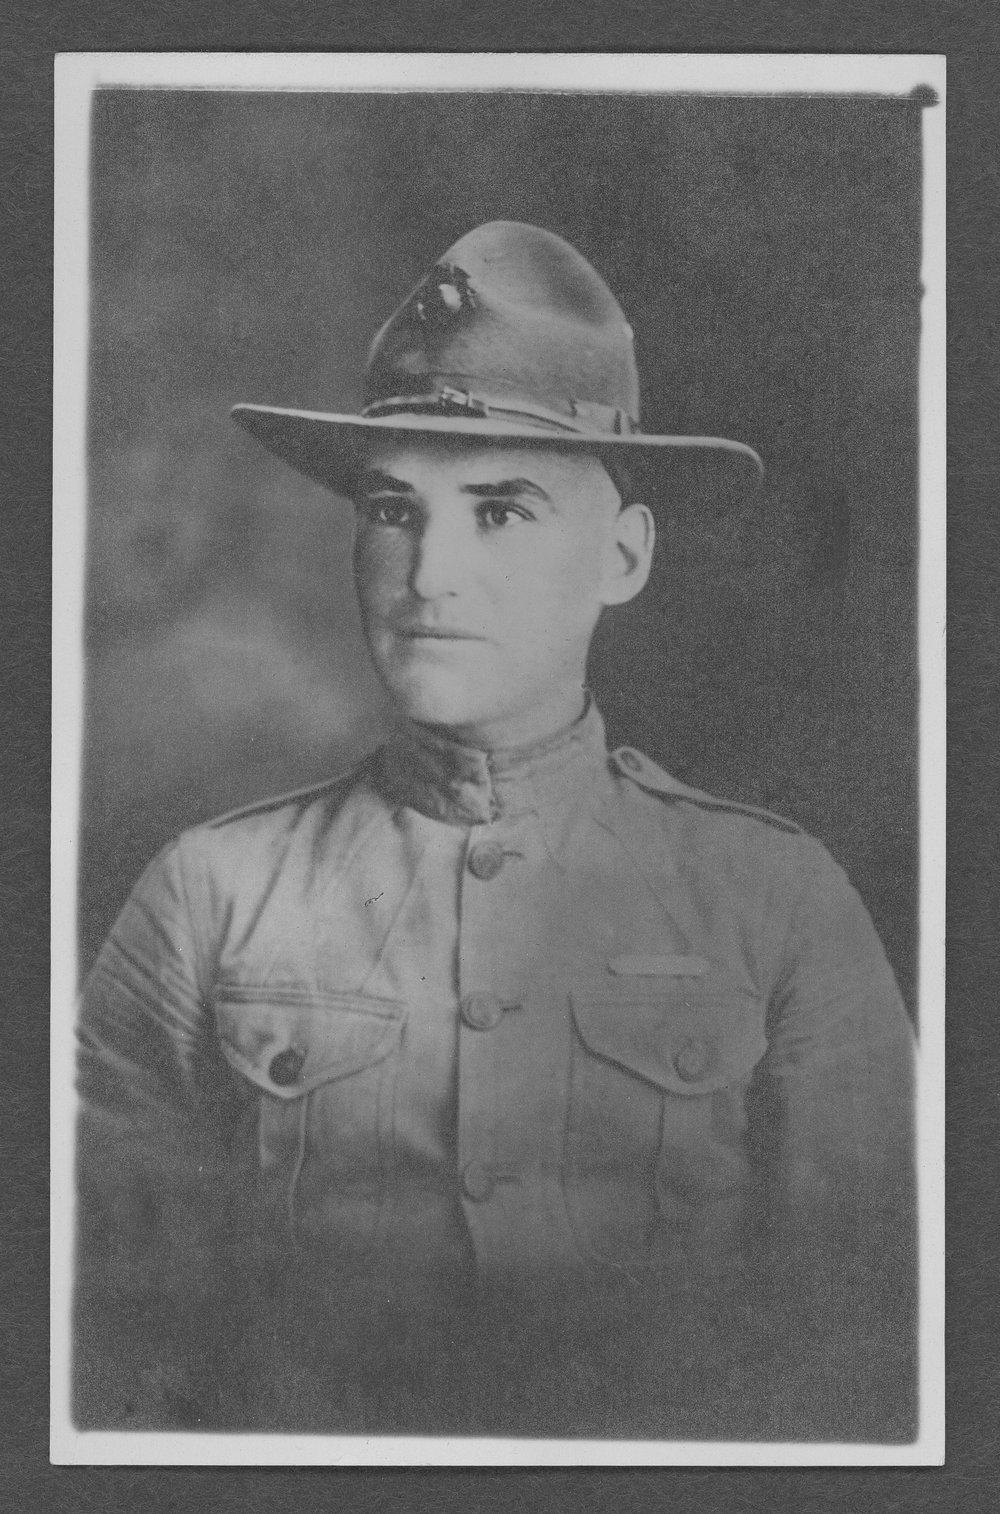 Charles Wilber Selzer, World War I soldier - 1